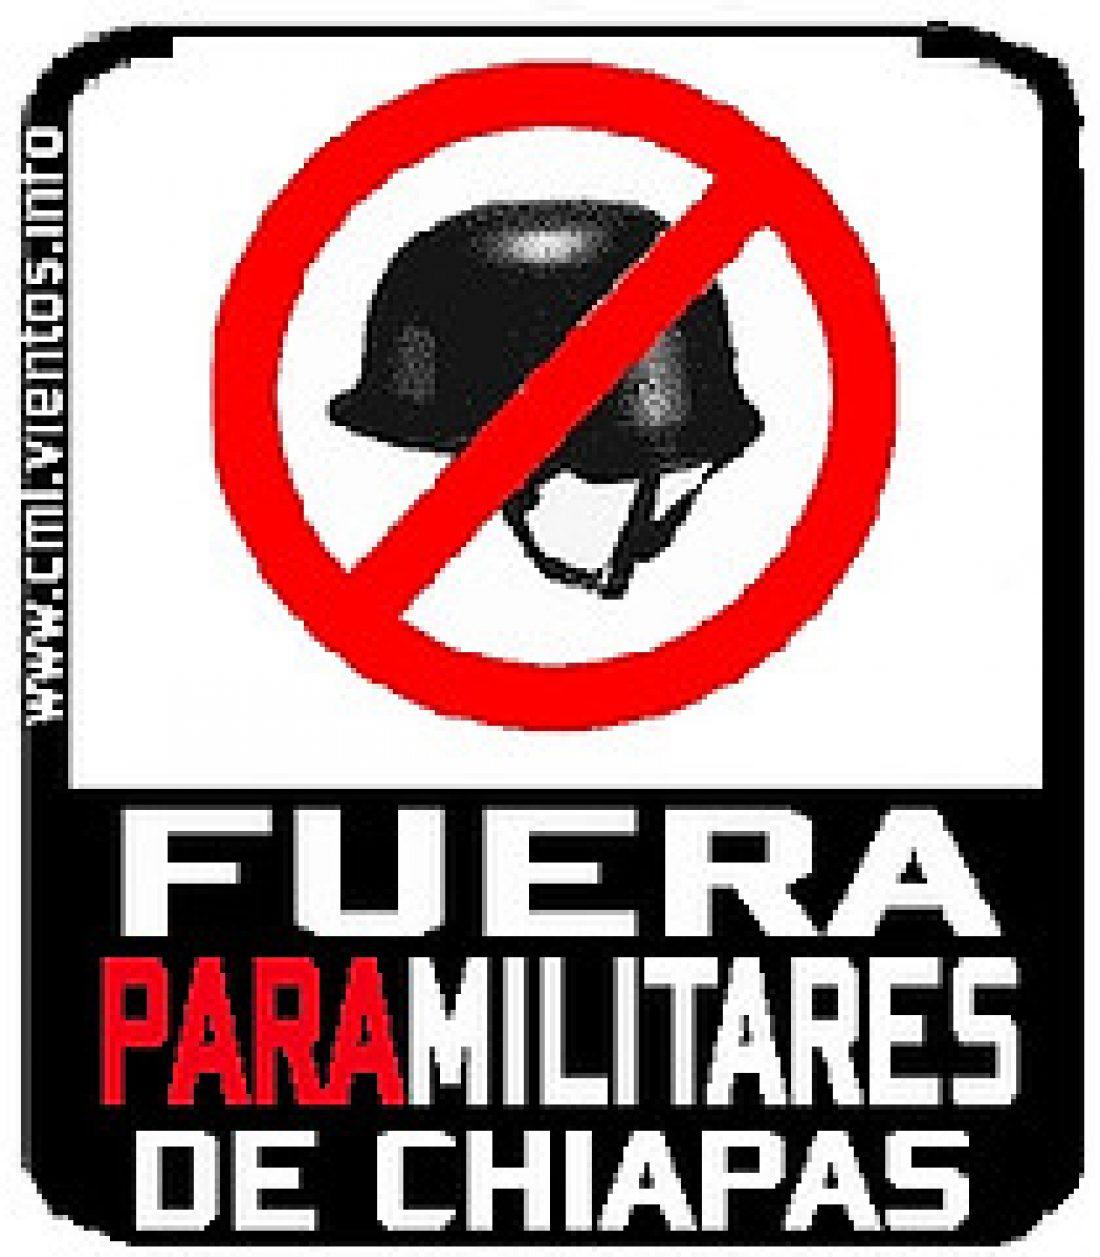 L@s Zapatistas no están sol@s!! Campaña de solidaridad y acciones por la desmilitarización de Chiapas